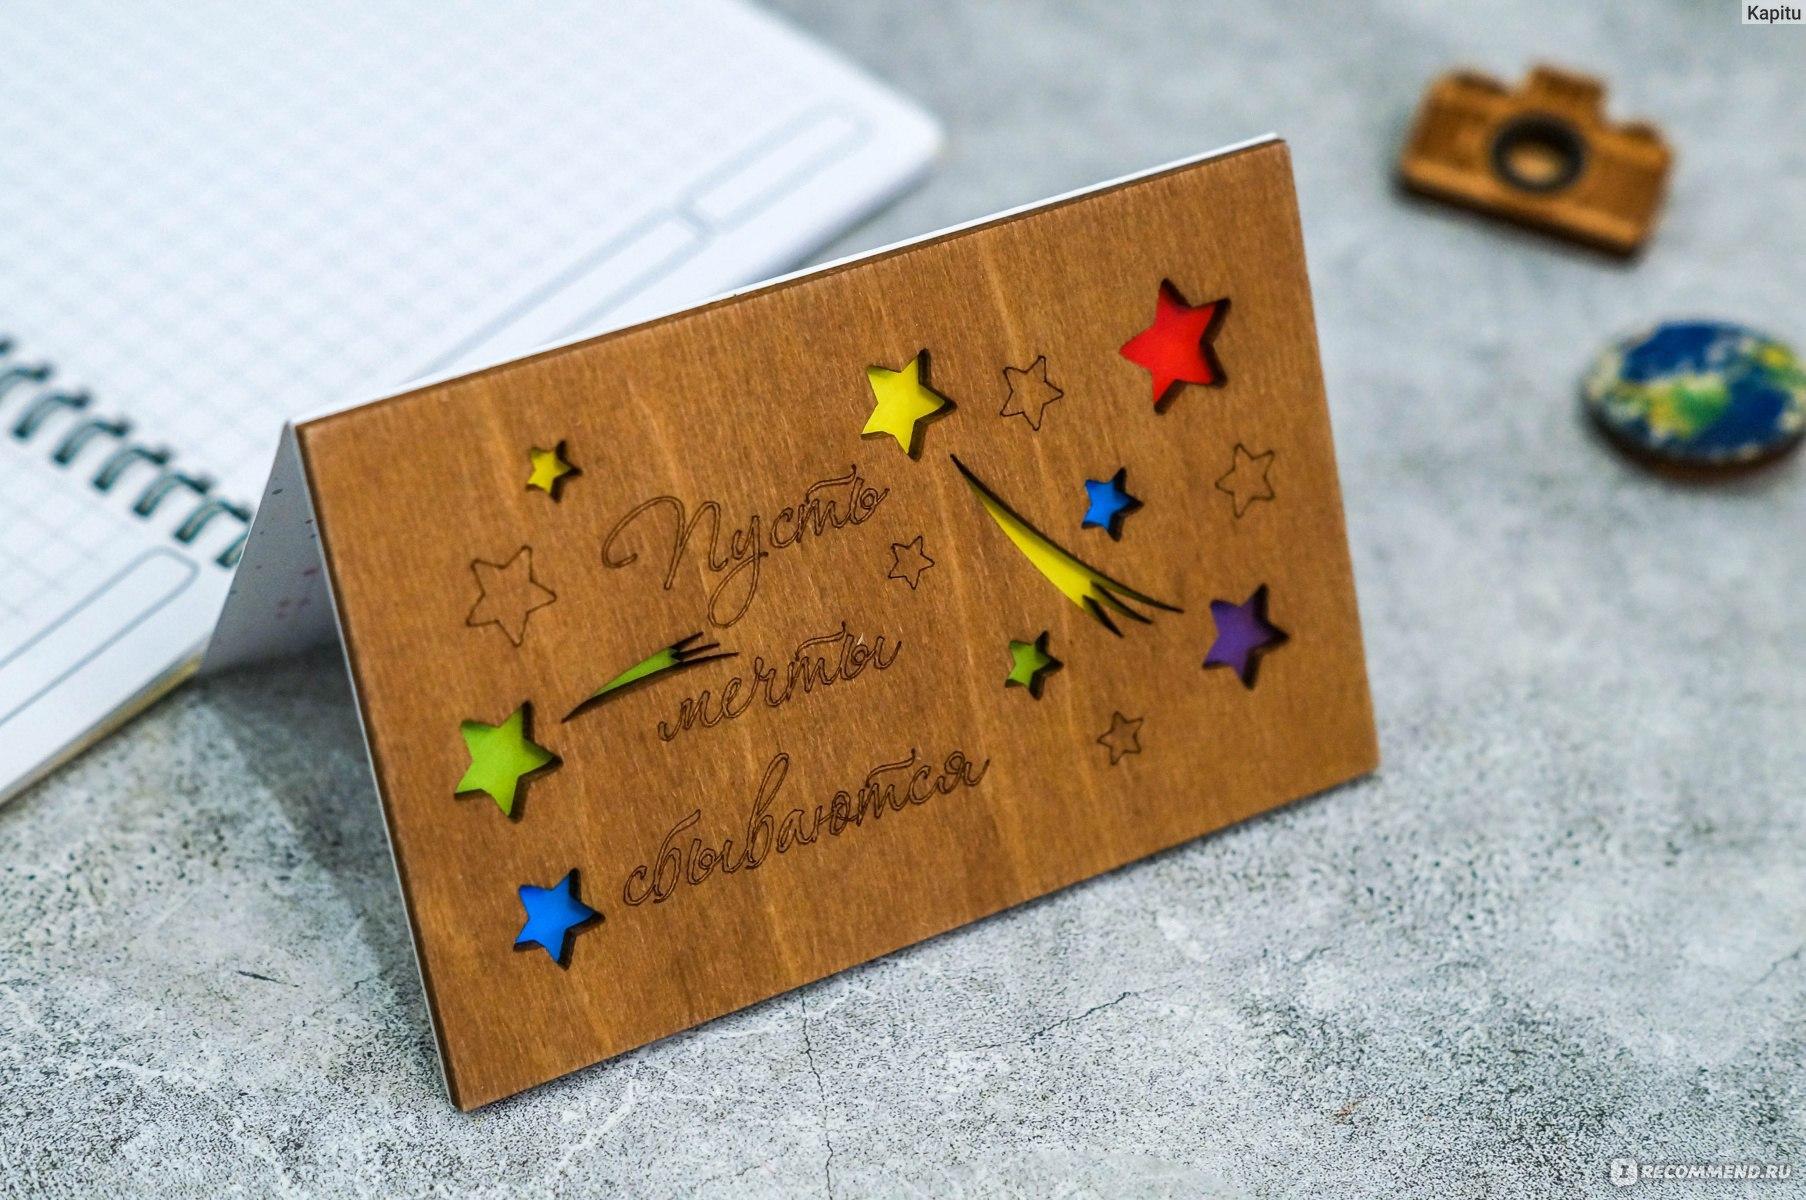 Деревянная открытка для денег в фикс прайс